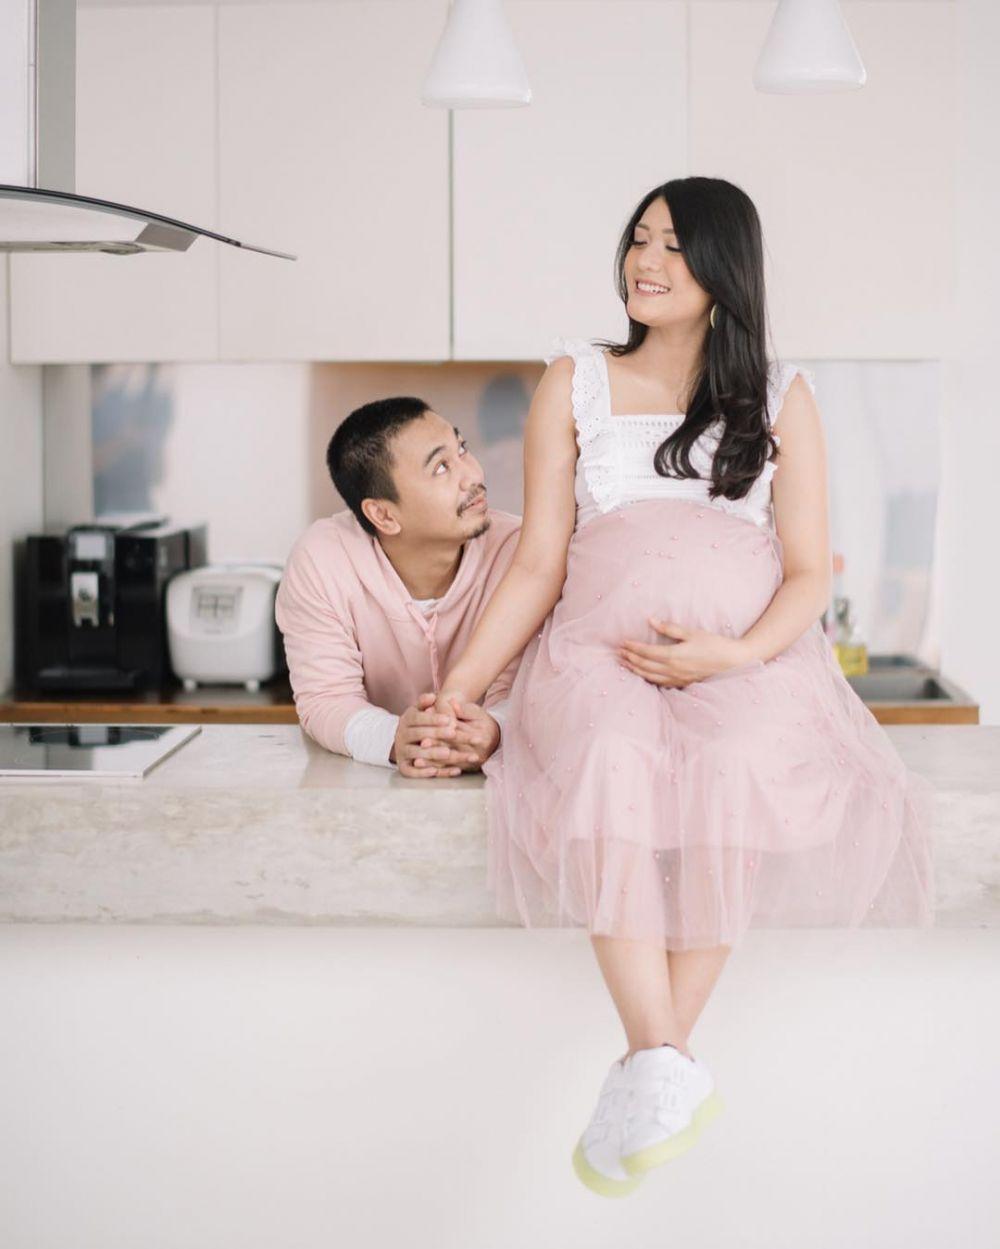 seleb maternity di rumah © 2019 brilio.net